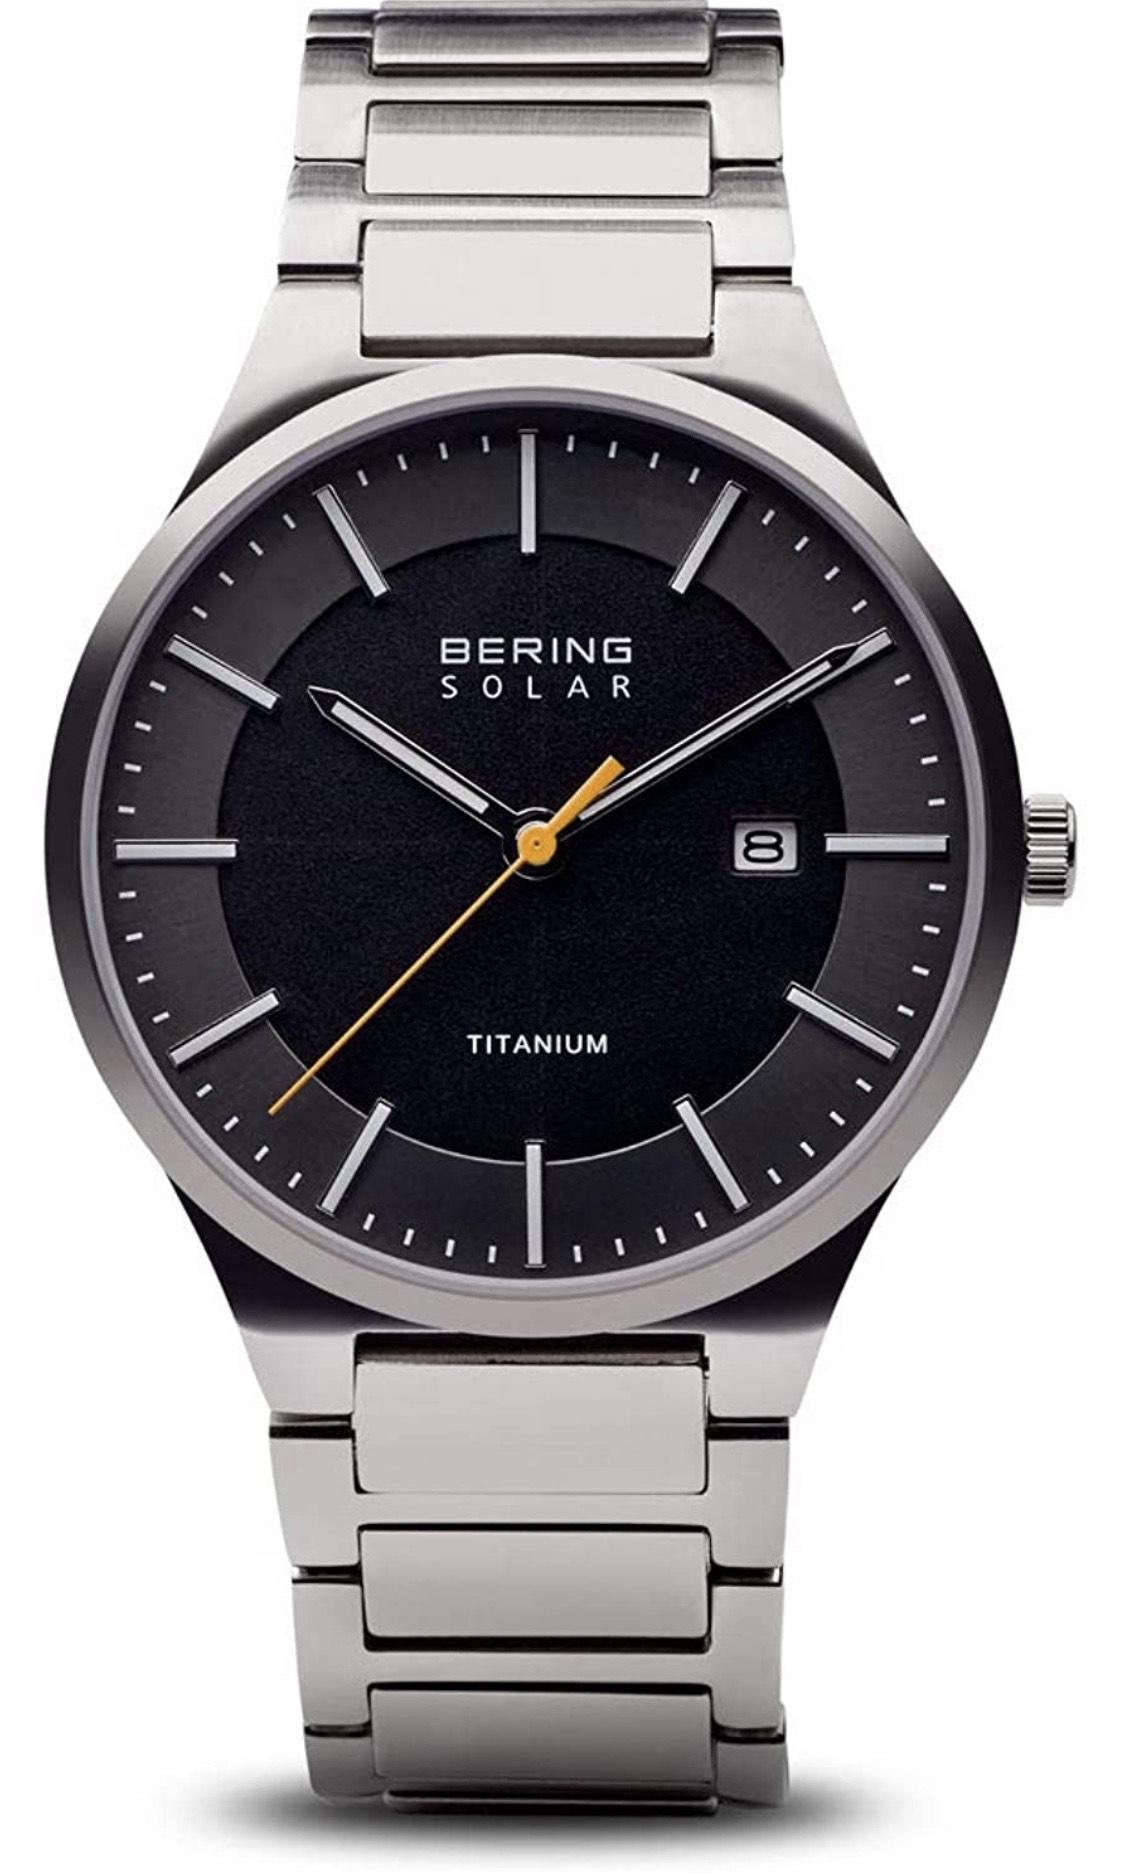 Reloj Bering solar. Titanio y Cristal de zafiro